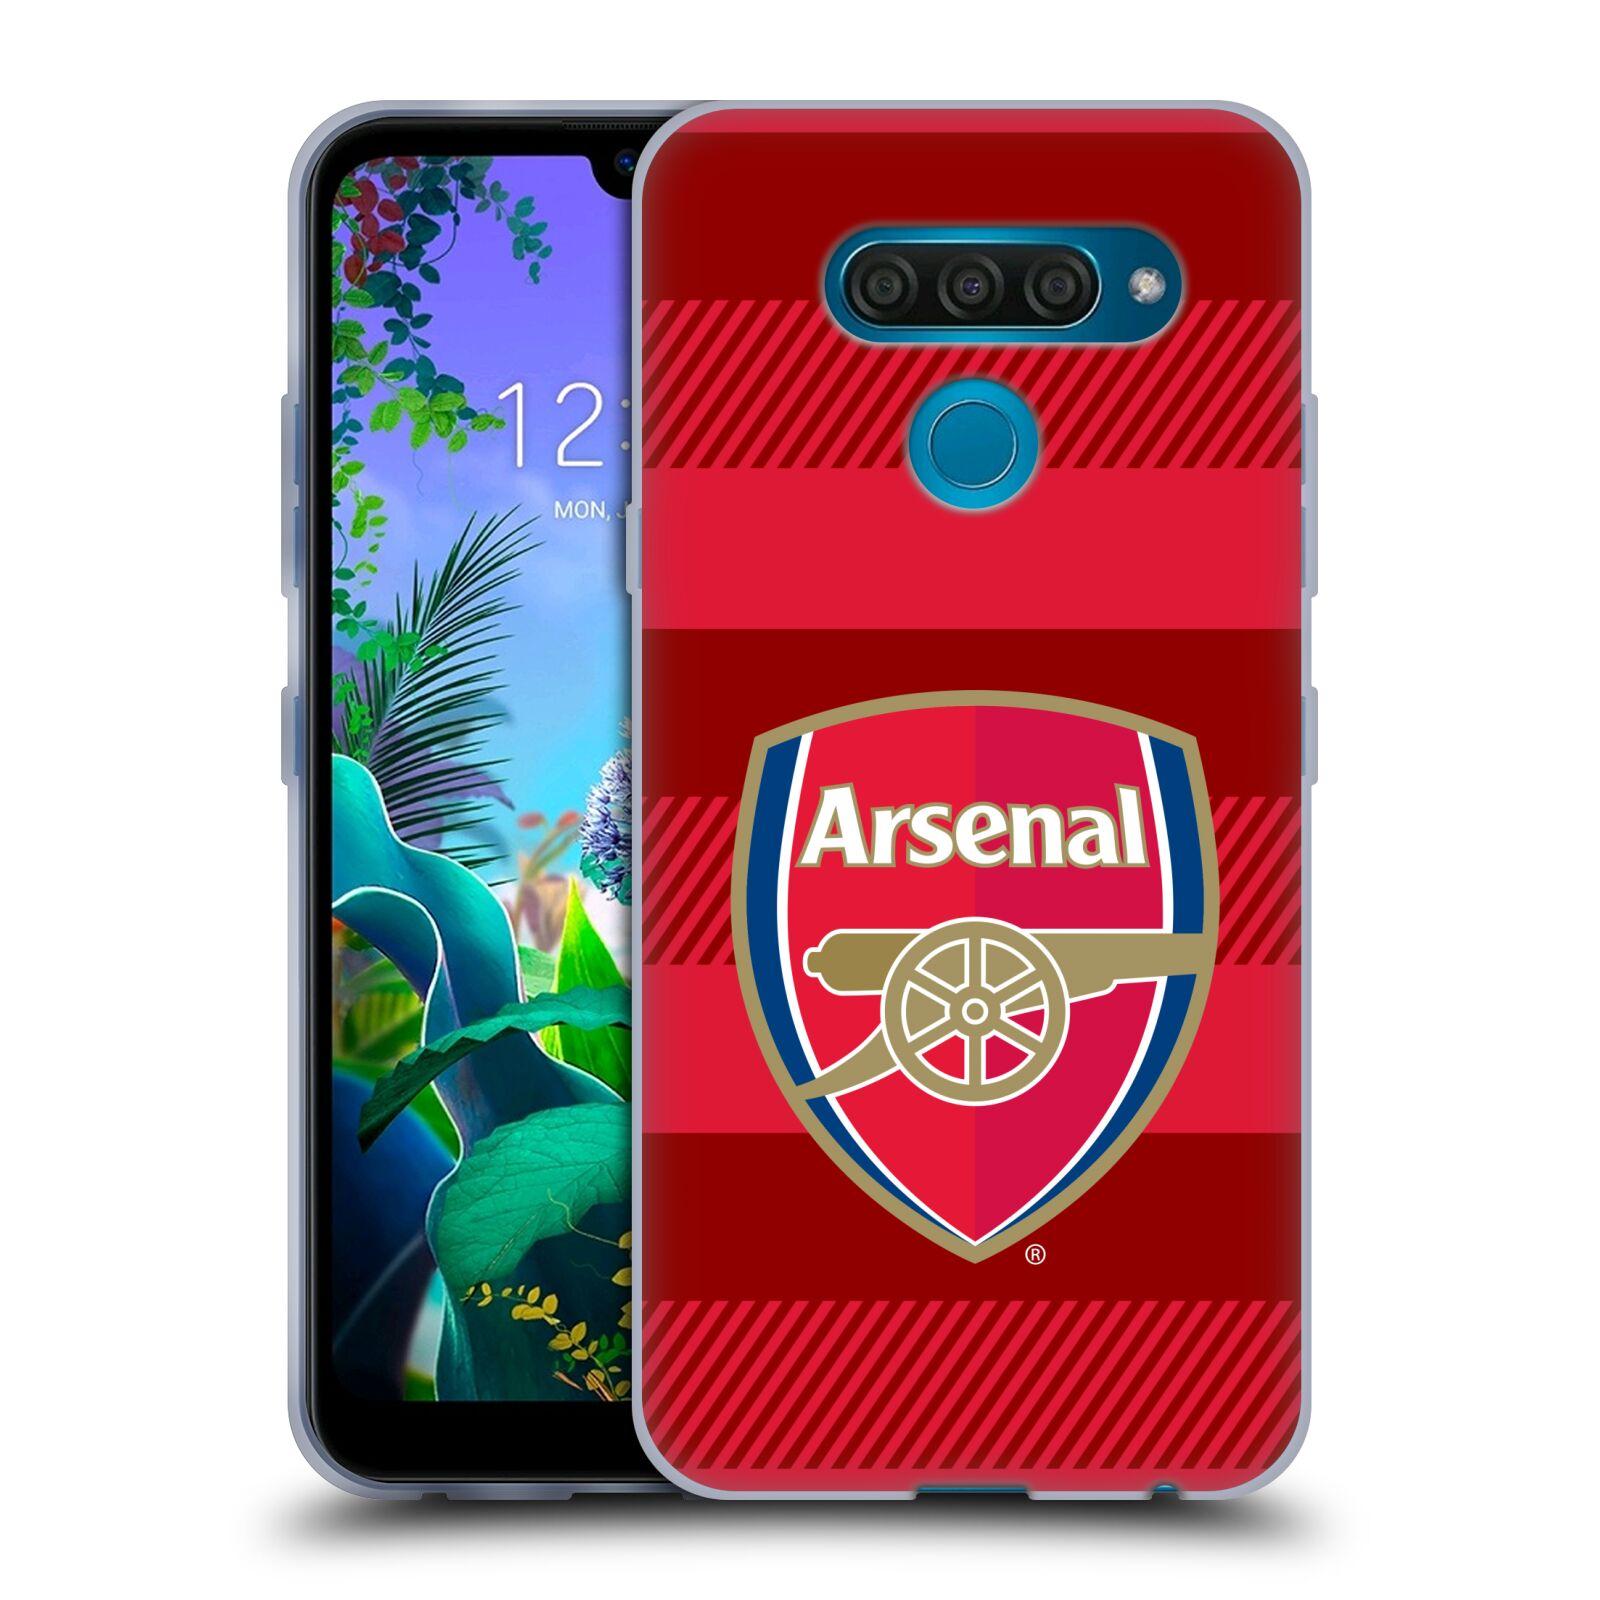 Silikonové pouzdro na mobil LG Q60 - Head Case - Arsenal FC - Logo s pruhy